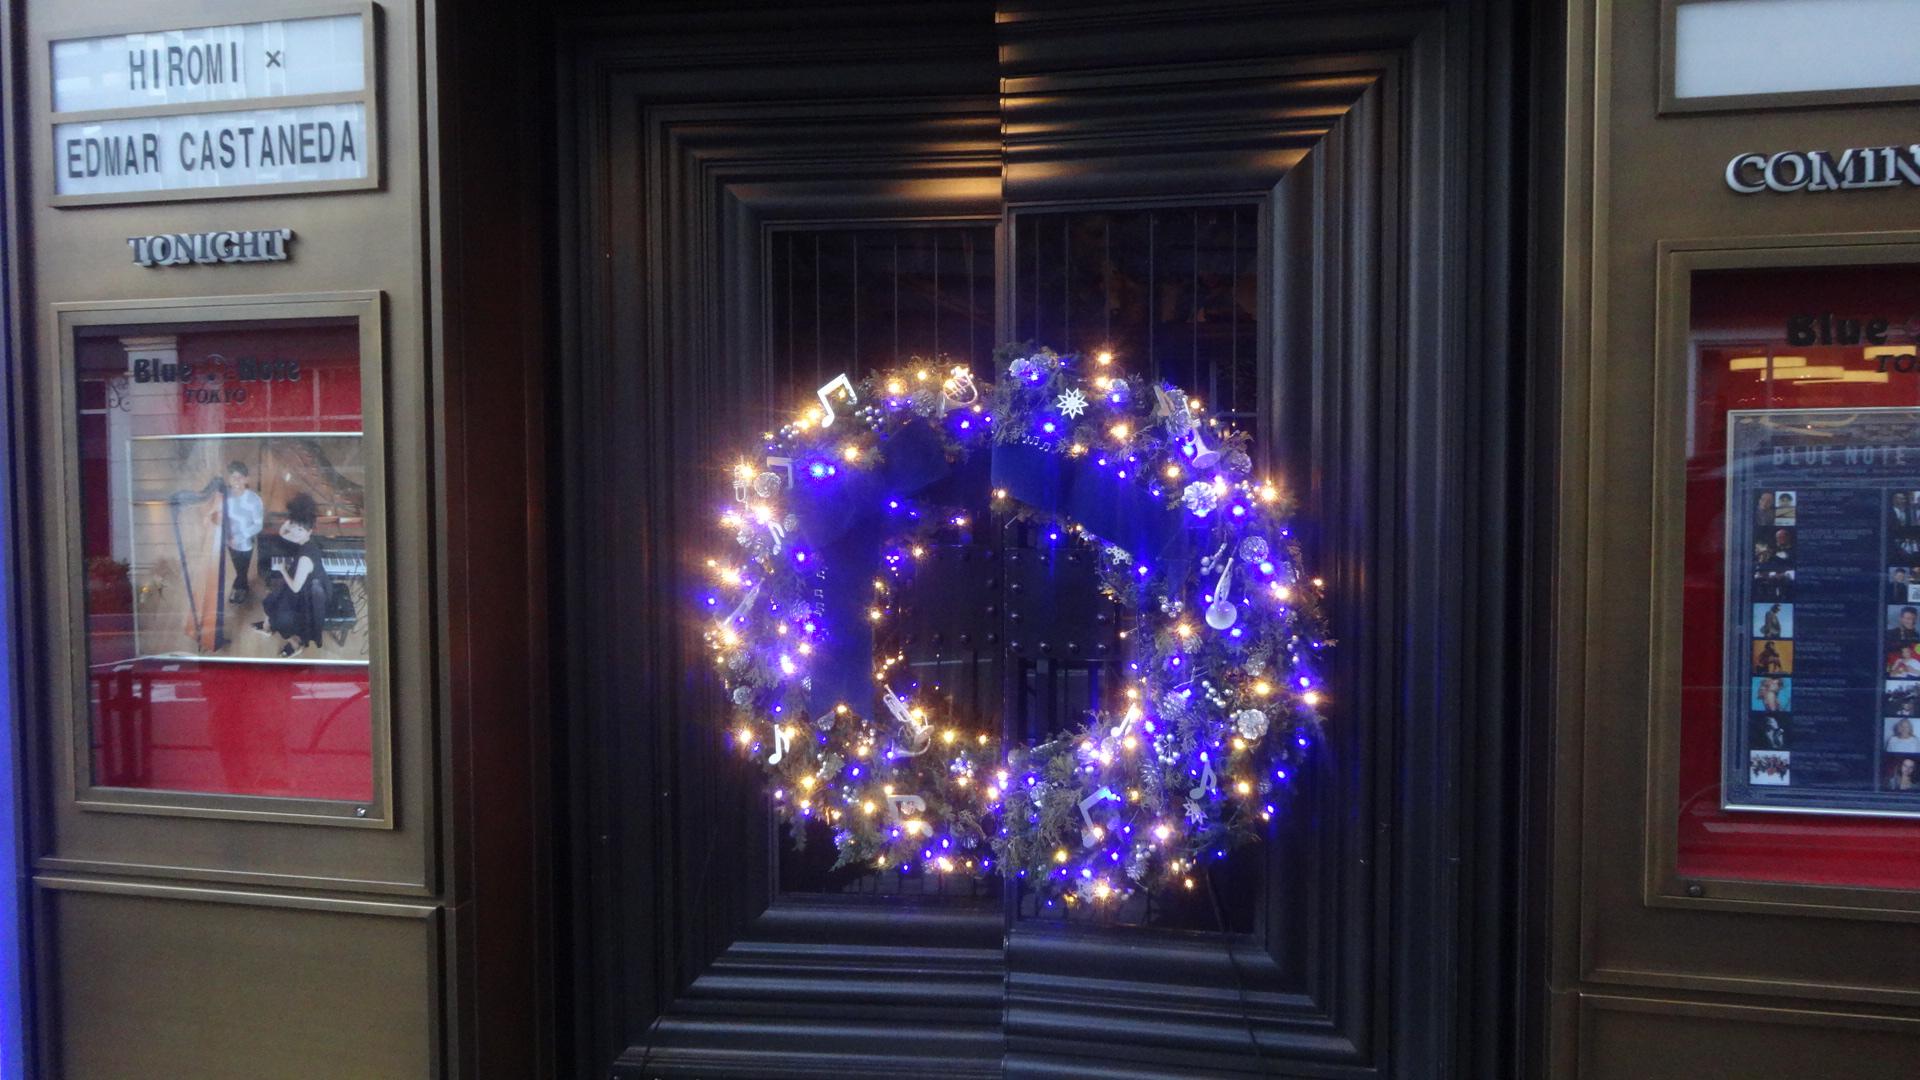 クリスマスデコレーションで飾られていた入口